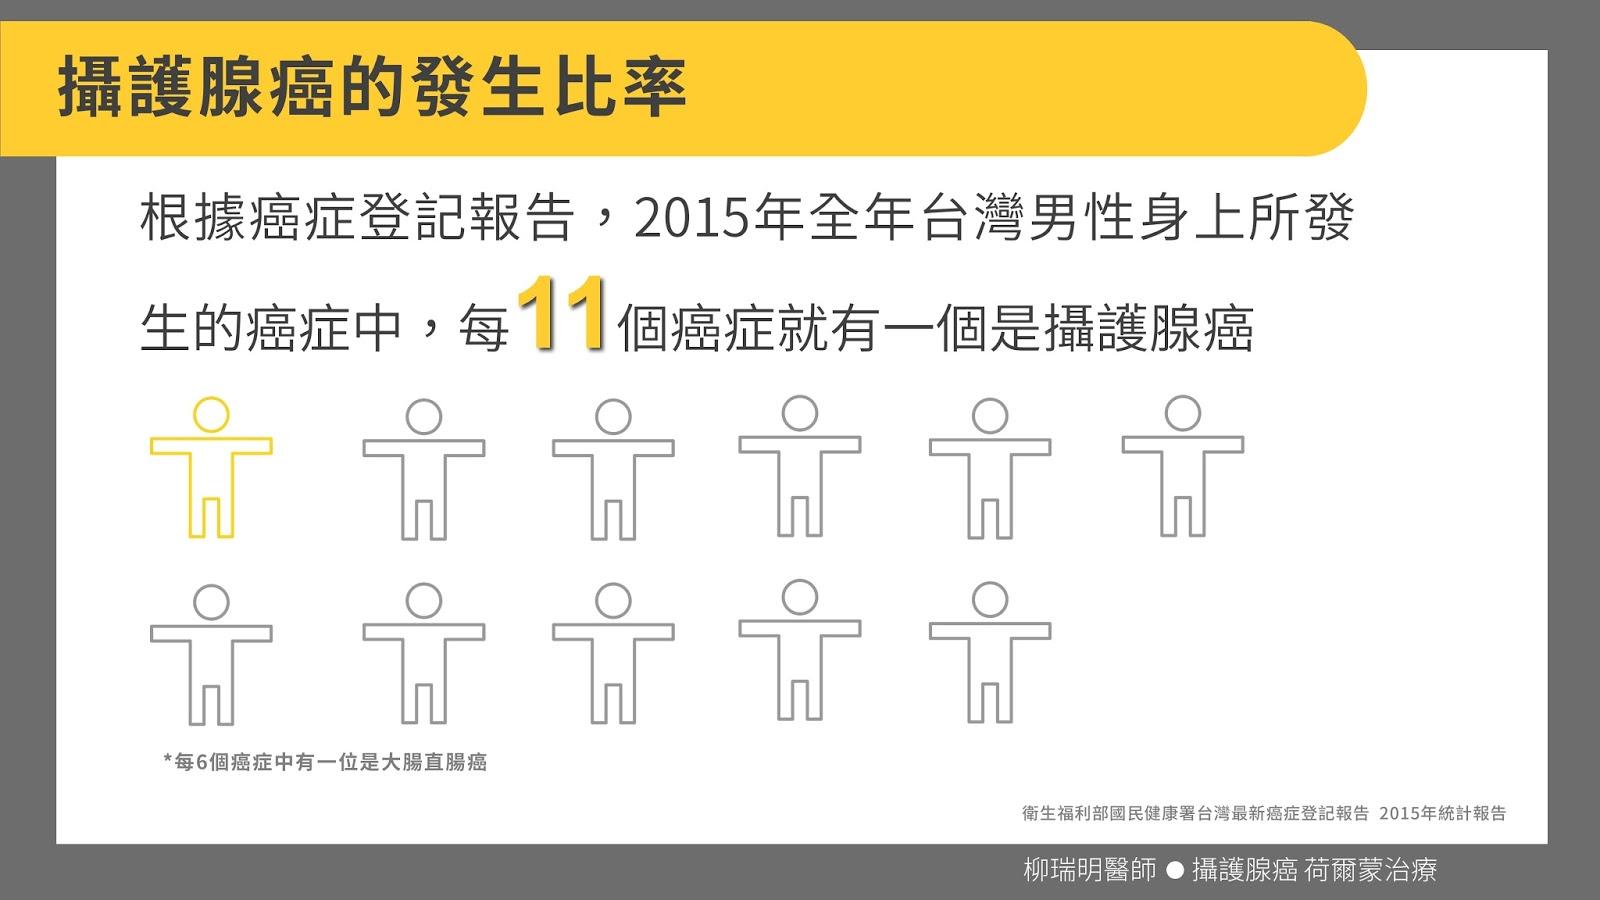 柳瑞明泌尿專科醫師|Jui-Ming Liu . MD: 你知道嗎 ? 攝護腺癌的關鍵數字